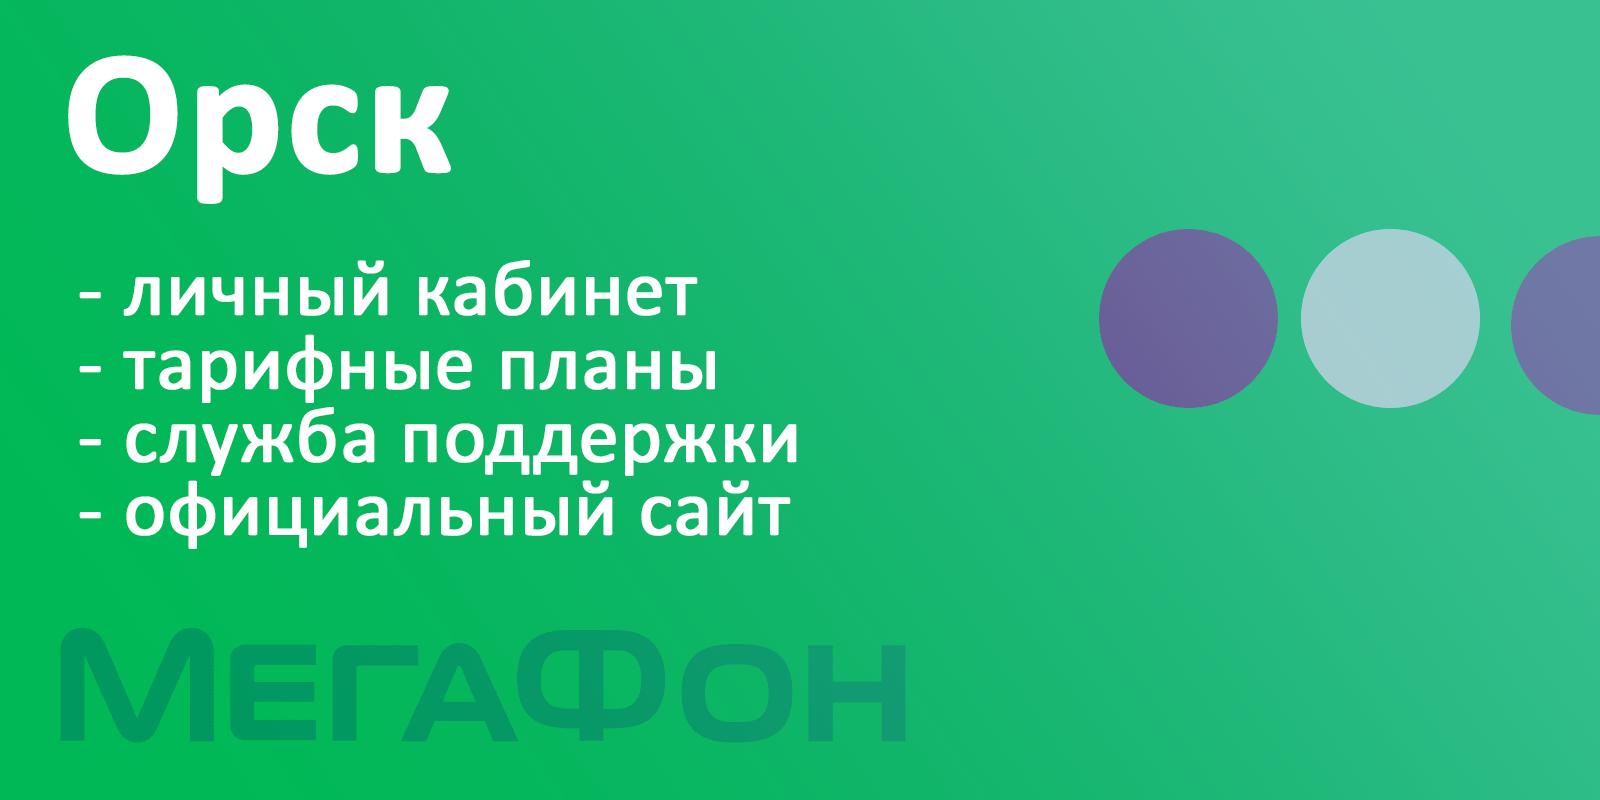 Мегафон Орск - официальный сайт, тарифы, каталог товаров